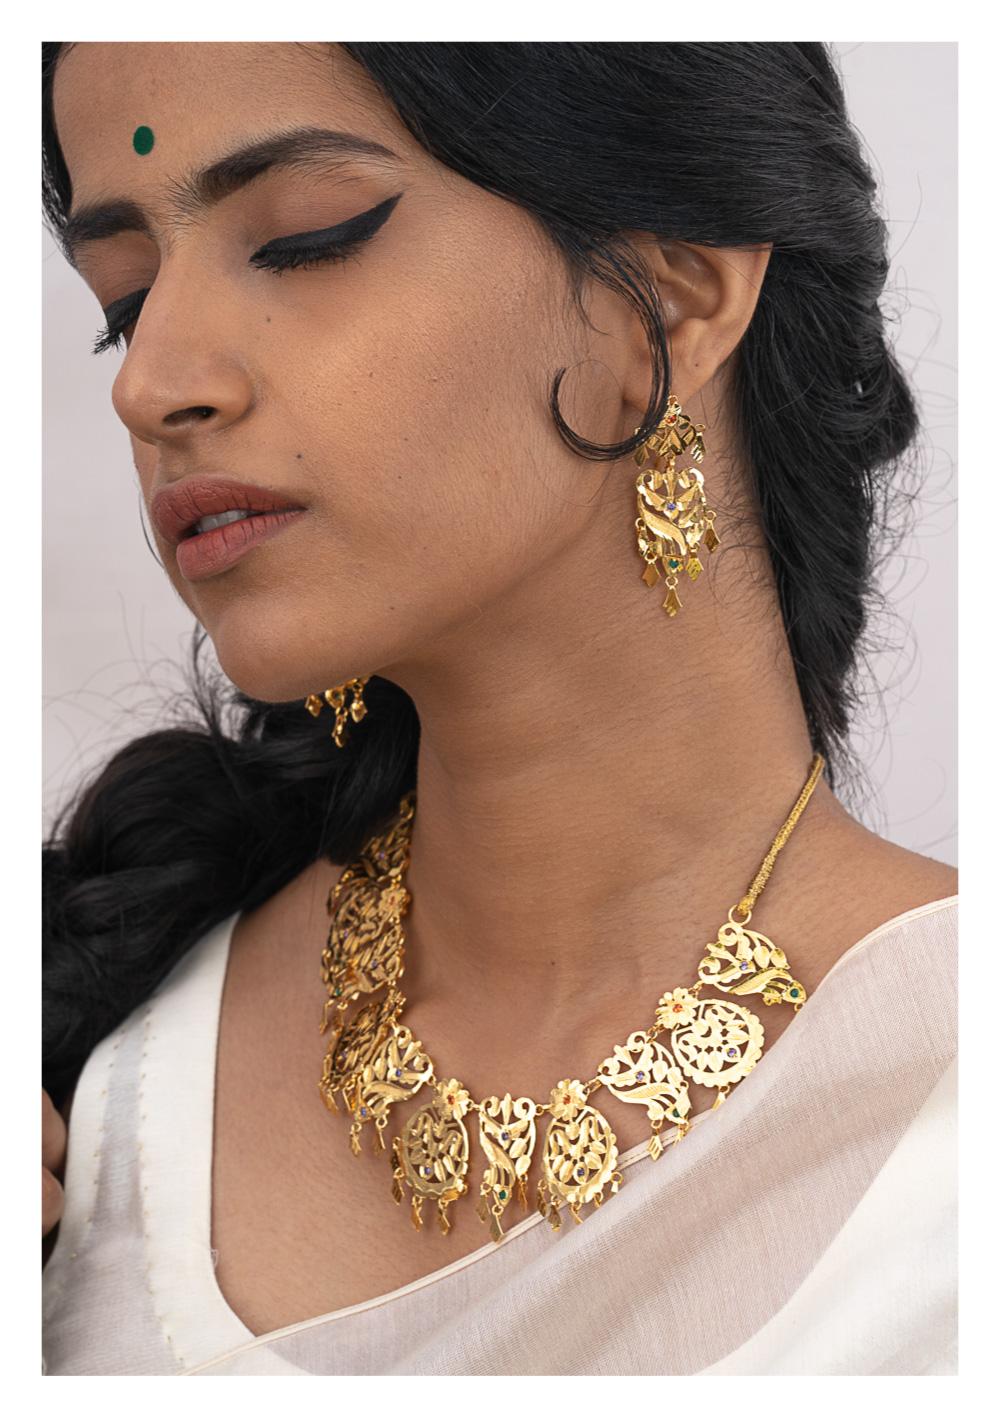 Kashti Gold Tone Silver Necklace & Earrings Set